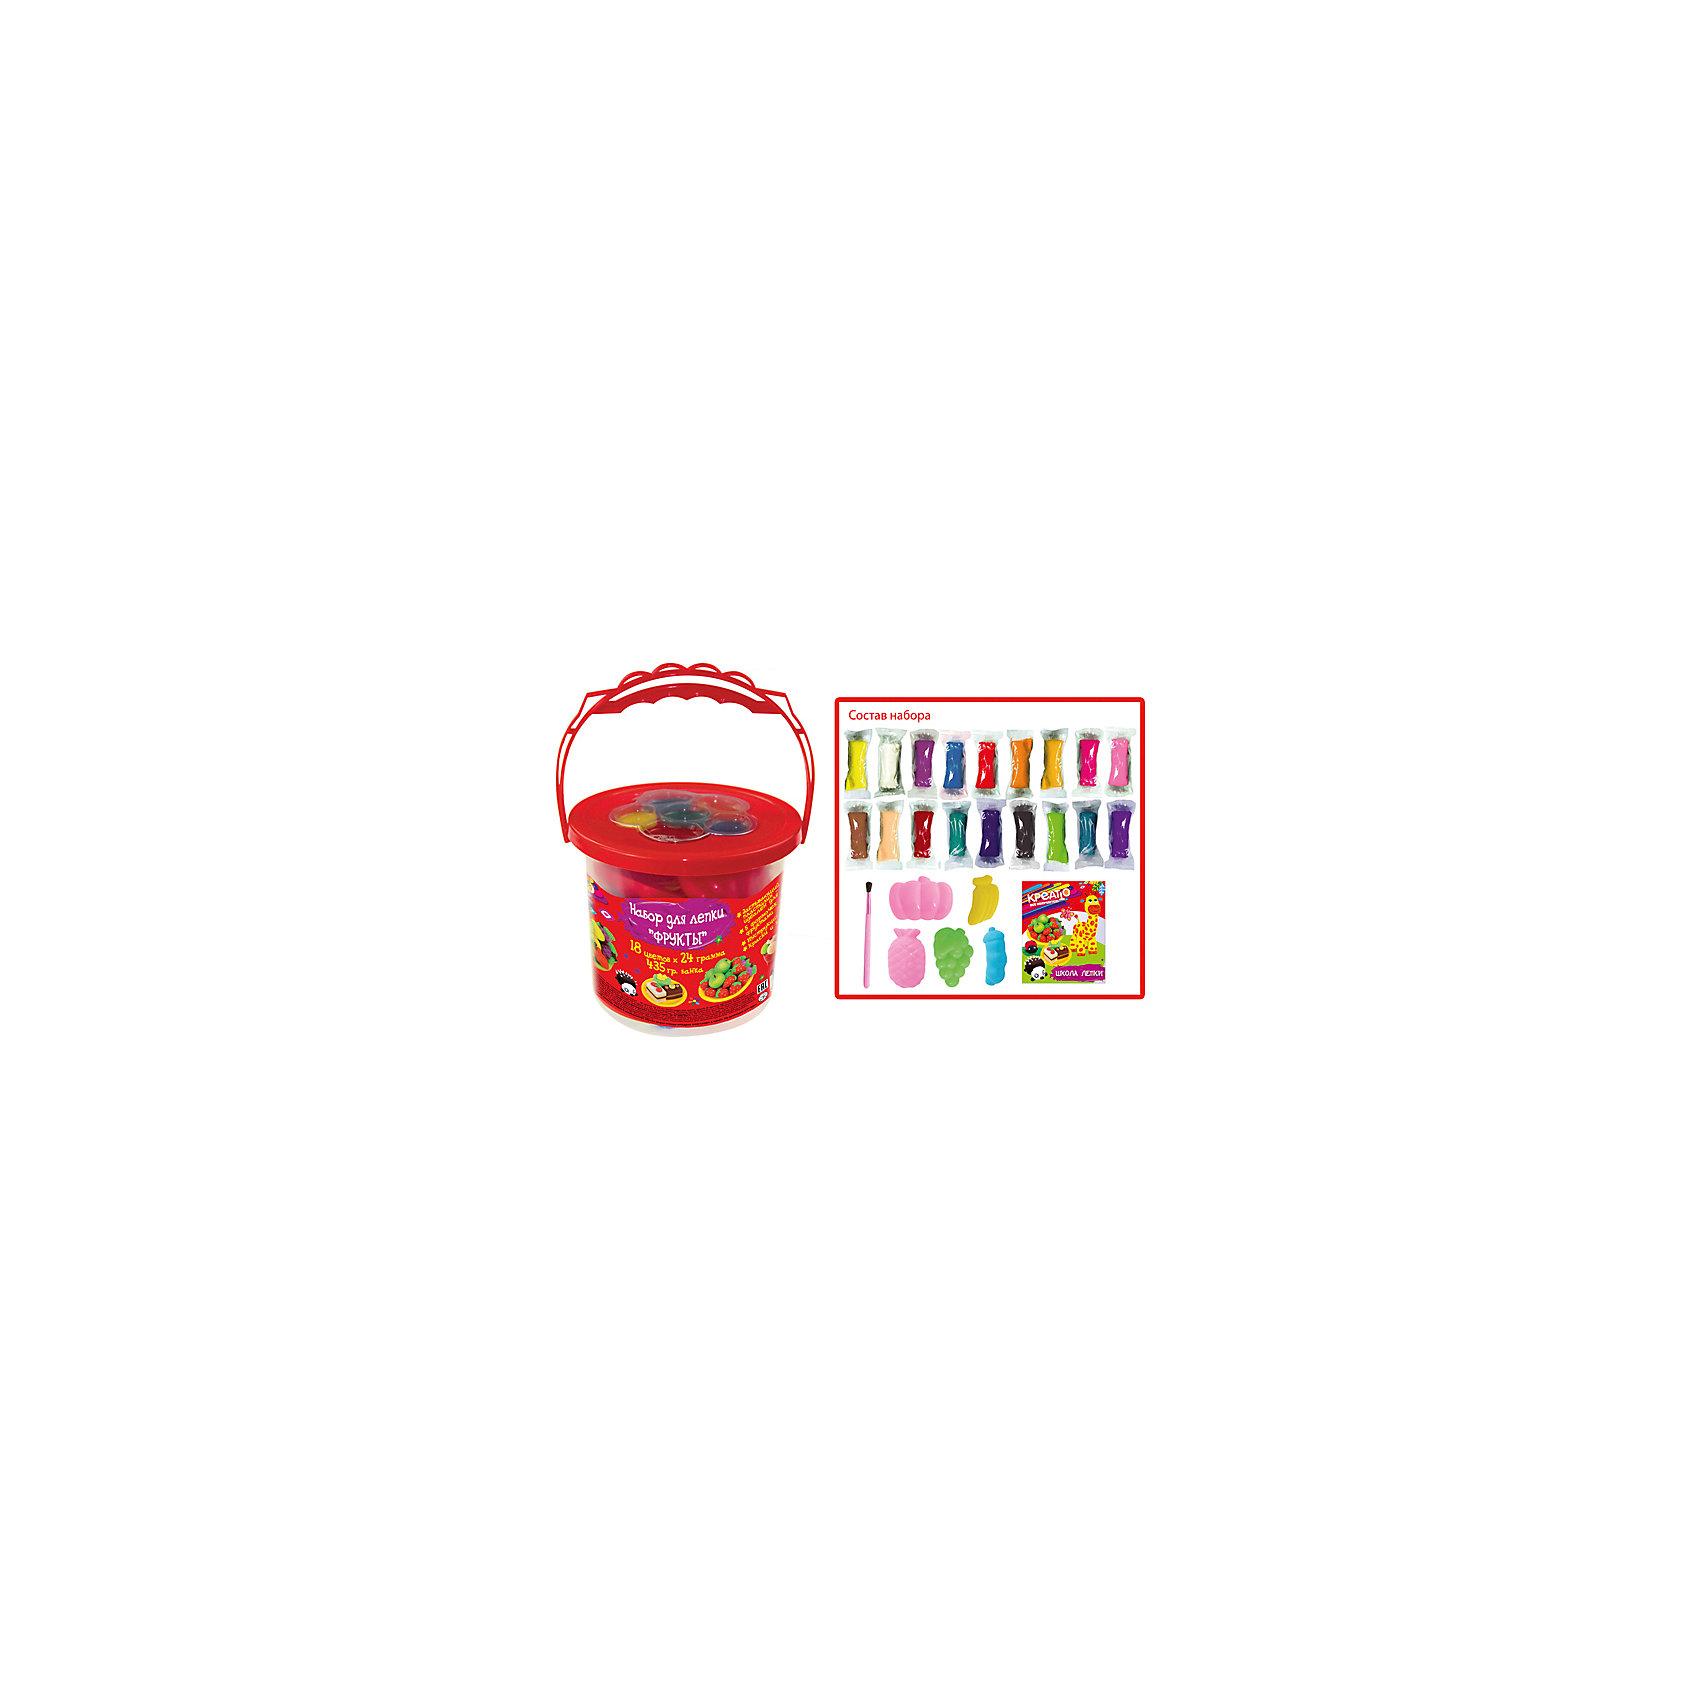 Набор для лепки Фрукты, КРЕАТТОПластилин «КРЕАТТО» оптимально подходит для детских пальчиков. Он мягкий, податливый, приятный на ощупь – его не нужно дополнительно греть и разминать. А его большое количество (435 кг) просто идеально для уроков лепки. Создавайте формочками фрукты и овощи, лепите разные фигурки, смешивайте цвета и получайте новые, фантазируйте, тренируйте пальчики малыша, развивайте его воображение. А затем оставьте поделки на воздухе на несколько часов. Когда они засохнут, раскрасьте их красками, входящими в набор. С фигурками можно будет играть, как с игрушками! А если вы хотите использовать пластилин повторно, то сразу после лепки, не дожидаясь высыхания, кладите его в баночку с крышкой.&#13;<br>В наборе «Фрукты»: 18 цветов застывающего пластилина по 24 г, 5 формочек в виде фруктов и овощей, 6 цветов красок, кисточка, инструкция в картинках. Материал пластичен, не липнет к рукам, не пачкается. Товар сертифицирован и безопасен для детей. Срок годности – 3 года. Упаковка – удобная баночка с ручкой.<br><br>Ширина мм: 130<br>Глубина мм: 130<br>Высота мм: 115<br>Вес г: 580<br>Возраст от месяцев: 36<br>Возраст до месяцев: 84<br>Пол: Унисекс<br>Возраст: Детский<br>SKU: 5076572